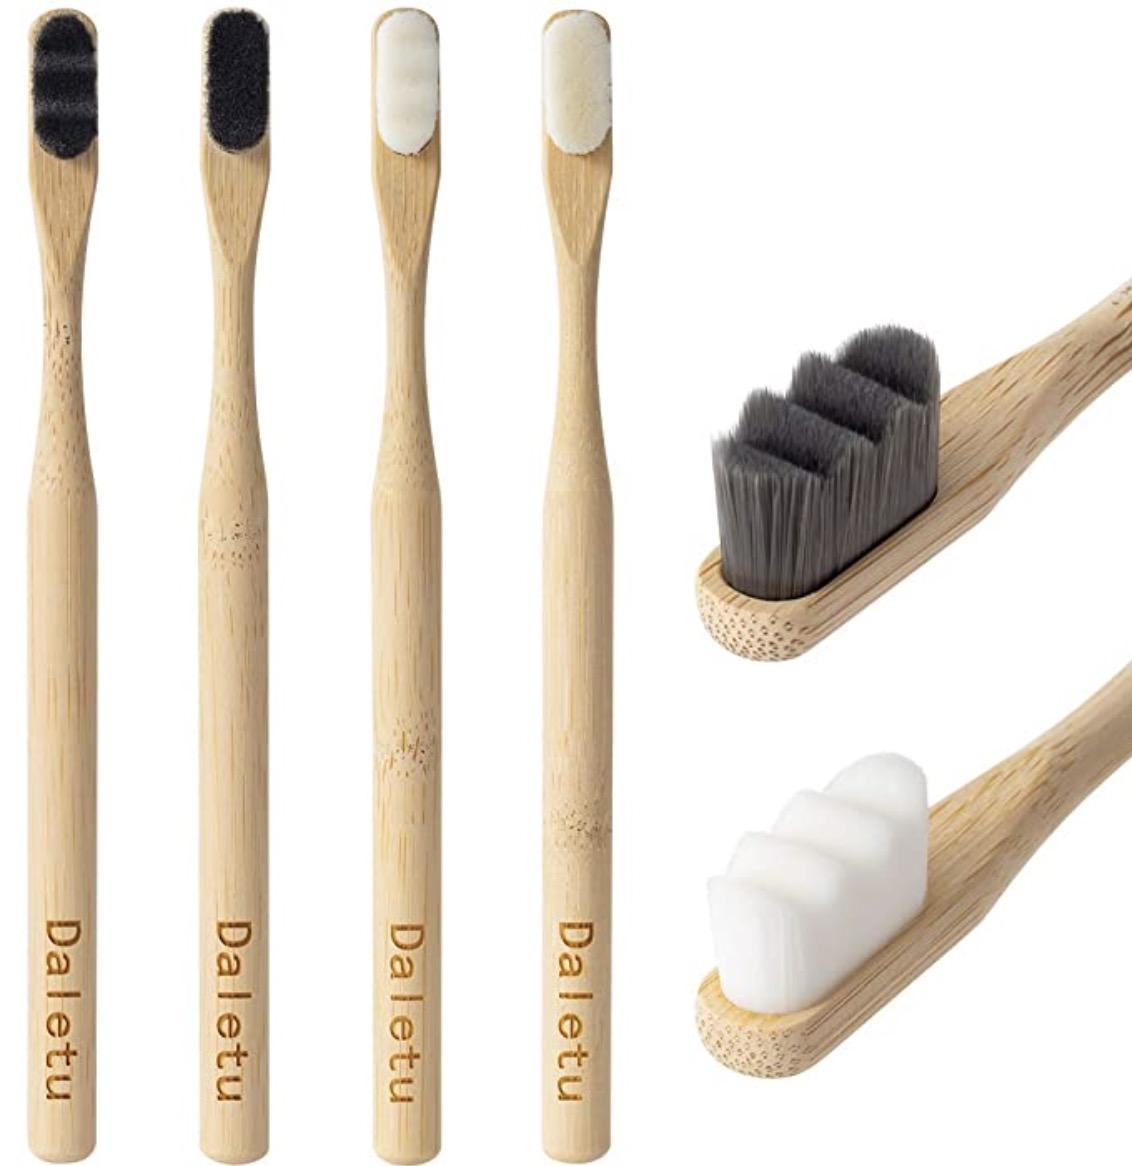 Daletu Toothbrush